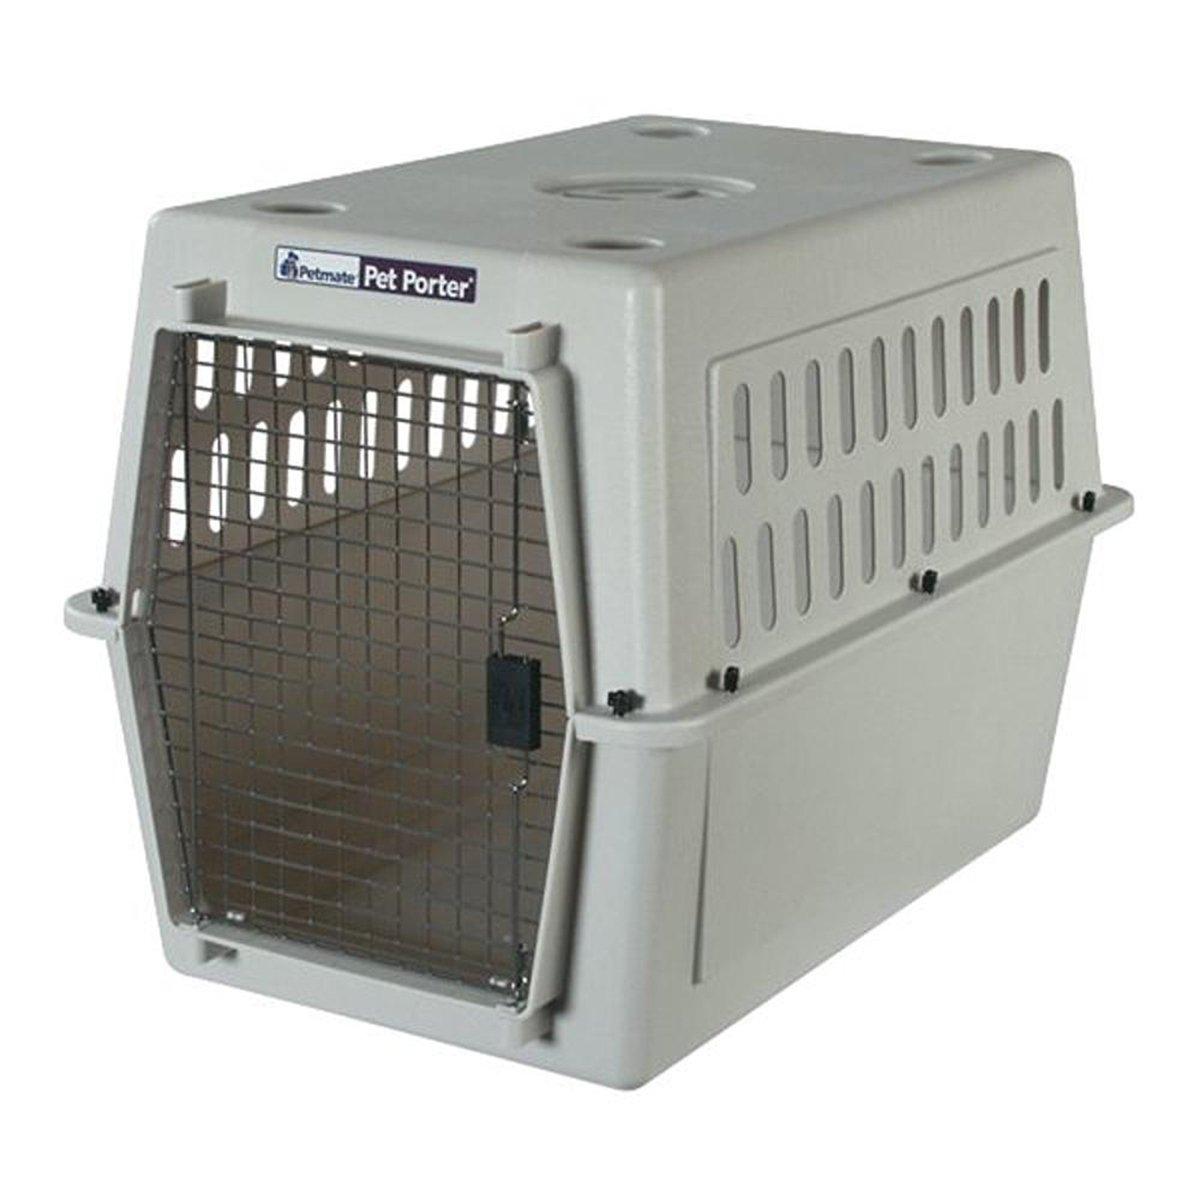 The large Petmate Pet Porter Kennel  Amazon.ca  Pet Supplies b5ab8e5d01df